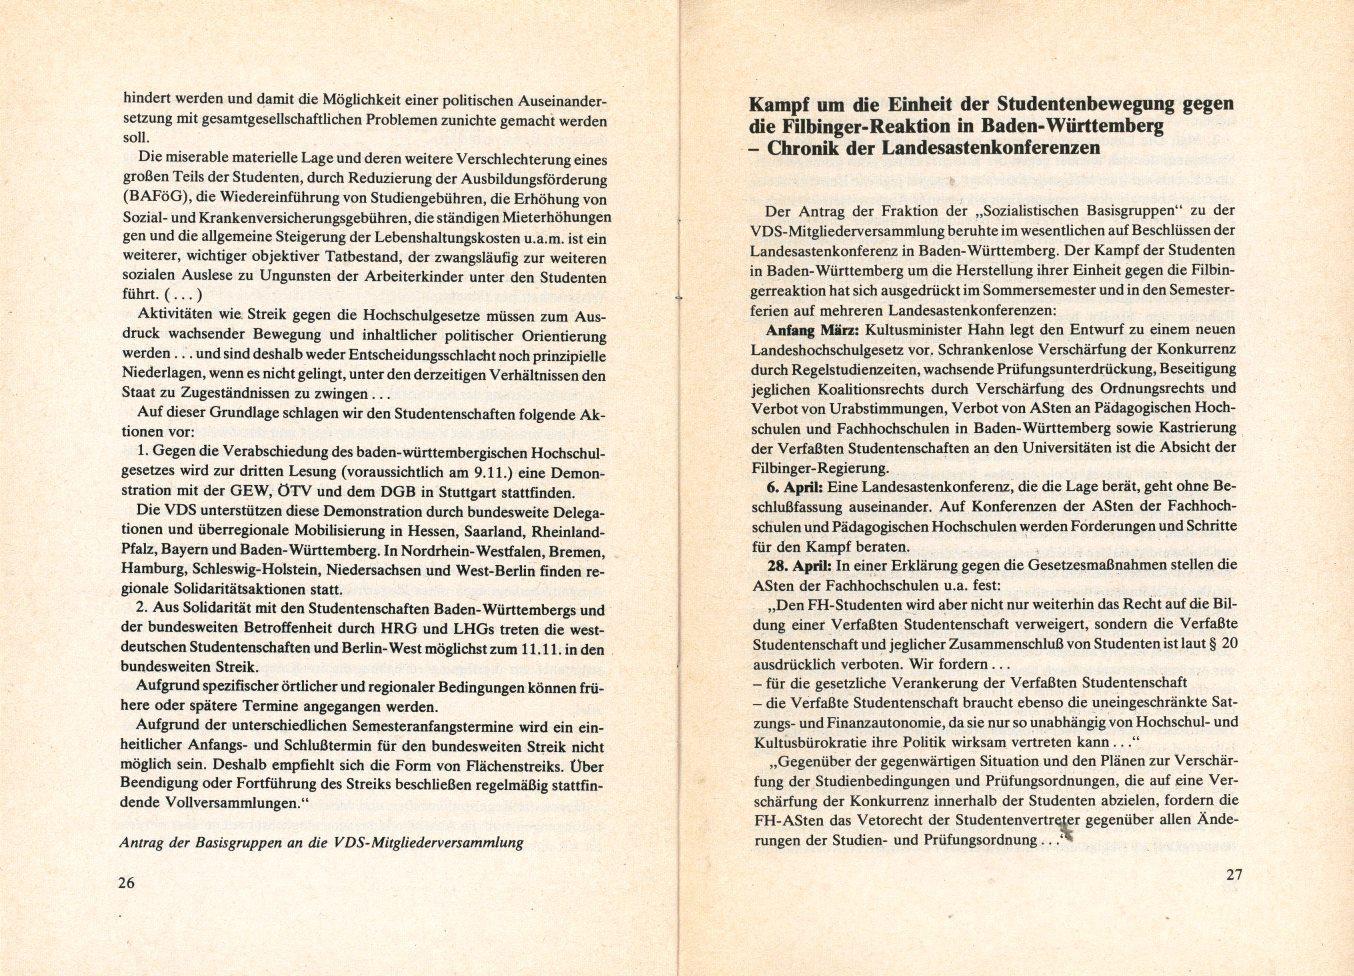 VDS_KBW_1977_MV_in_Giessen_14